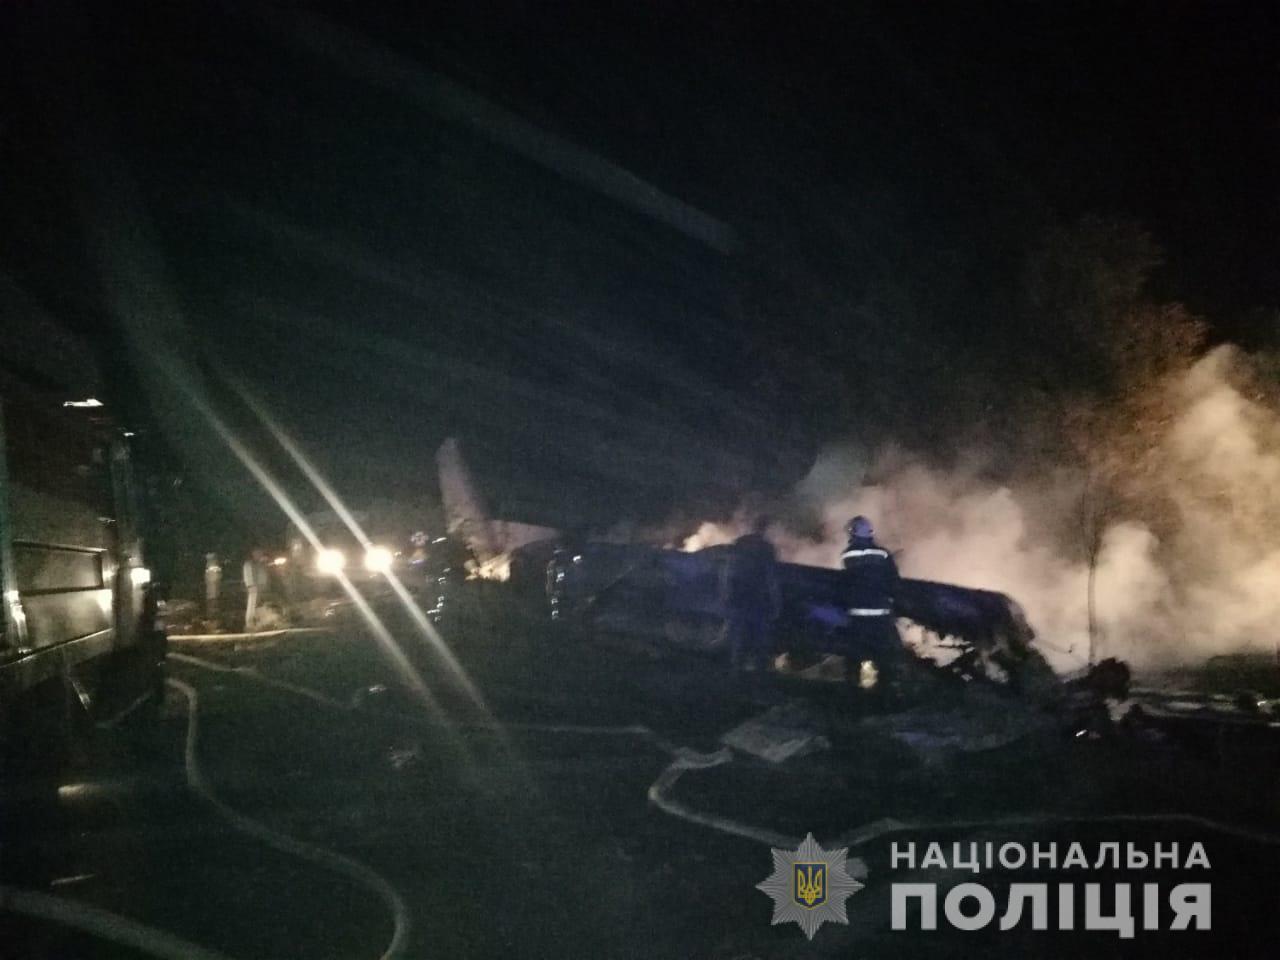 Падіння літака під Харковом: фото та відео з місця трагедії - фото 3